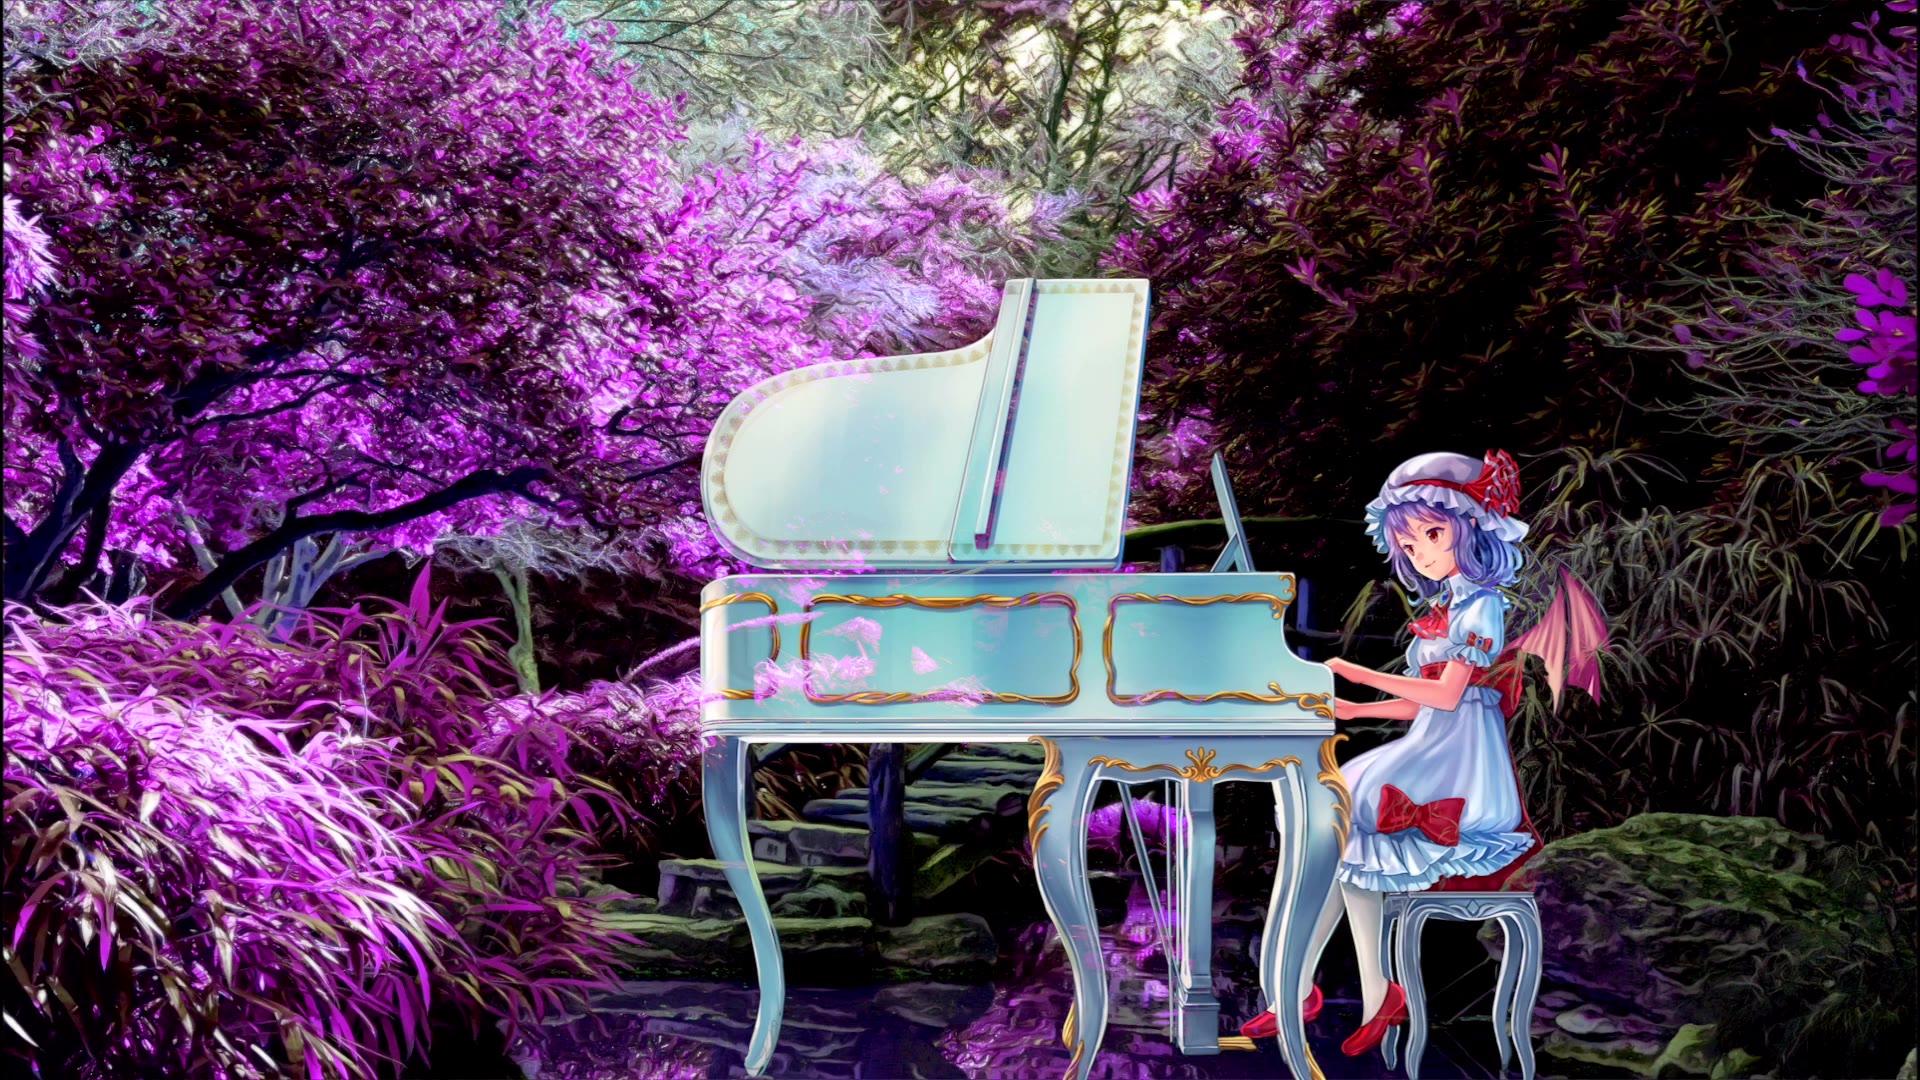 【东方】钢琴独奏 幽静深谧的幻想乡 1小时助眠LIVE演奏【TAMUSIC】